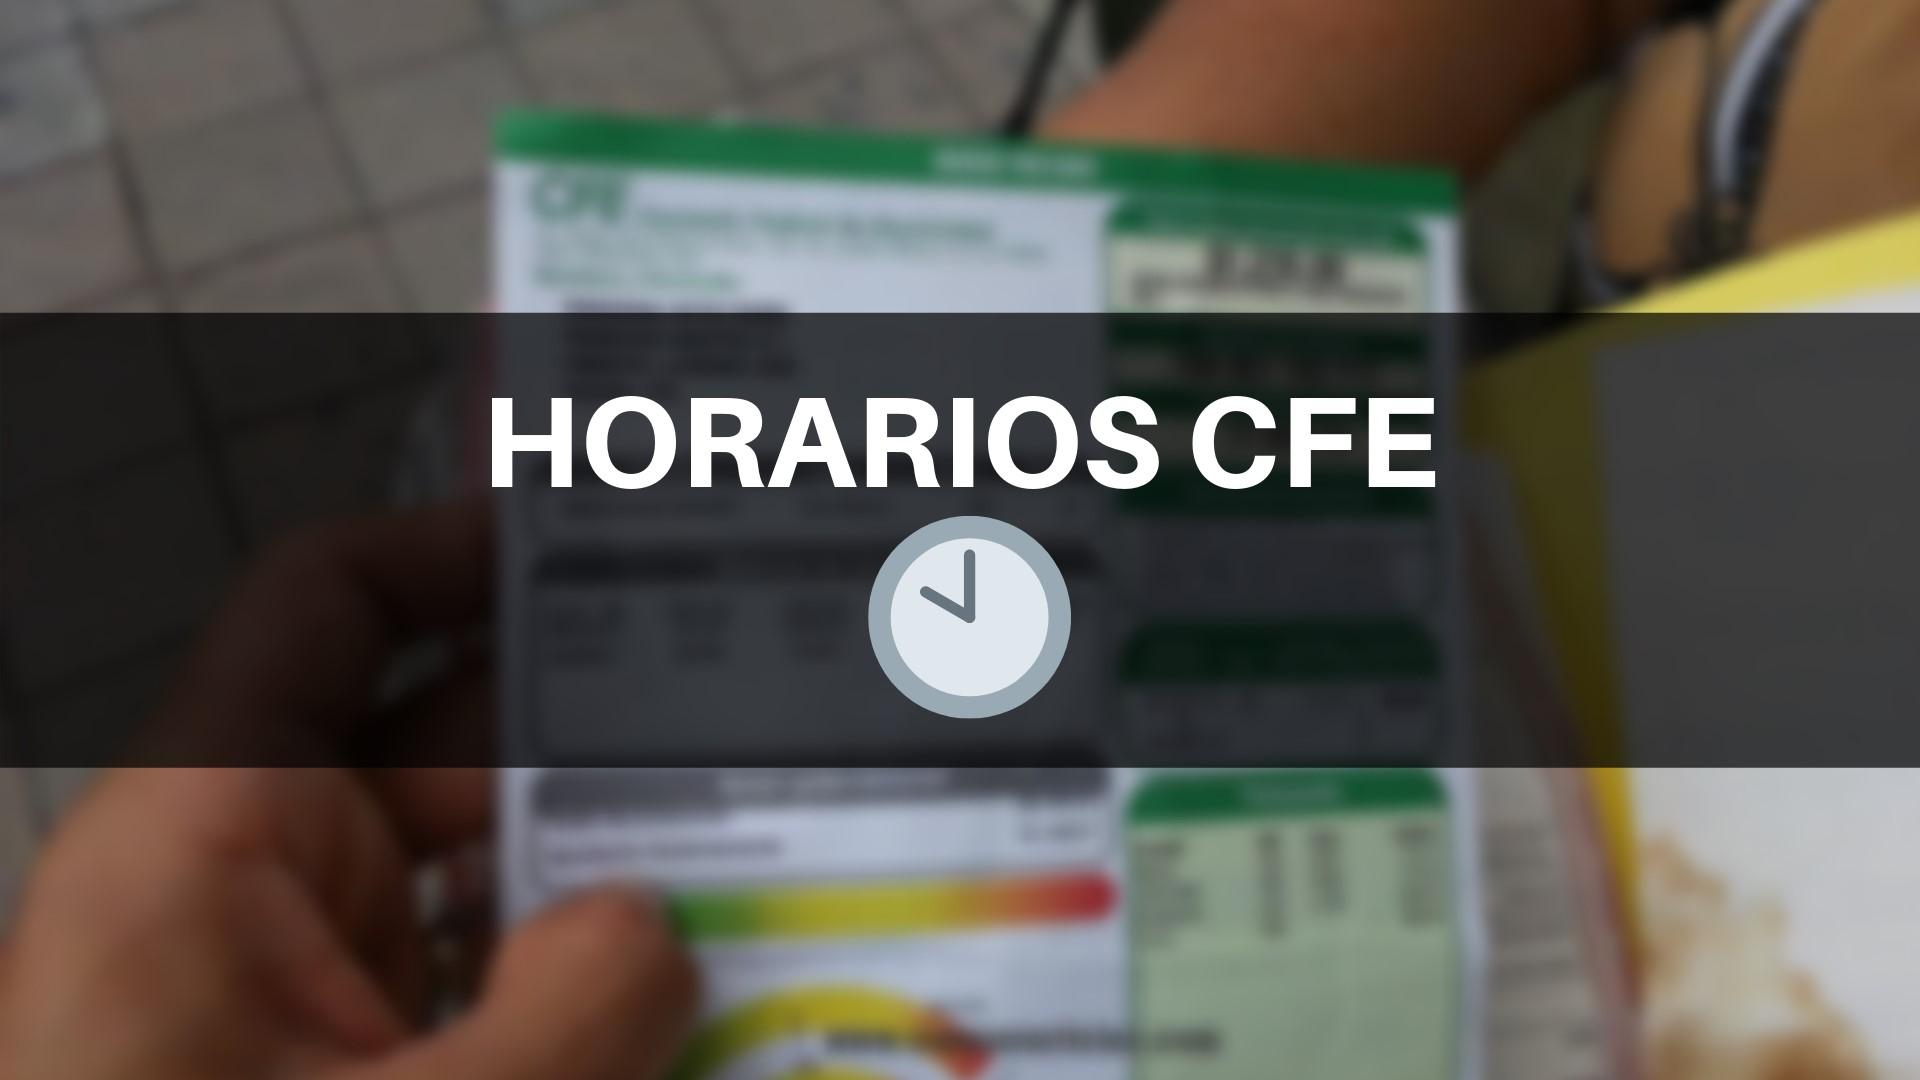 Horarios CFE: para pagar mi recibo de luz